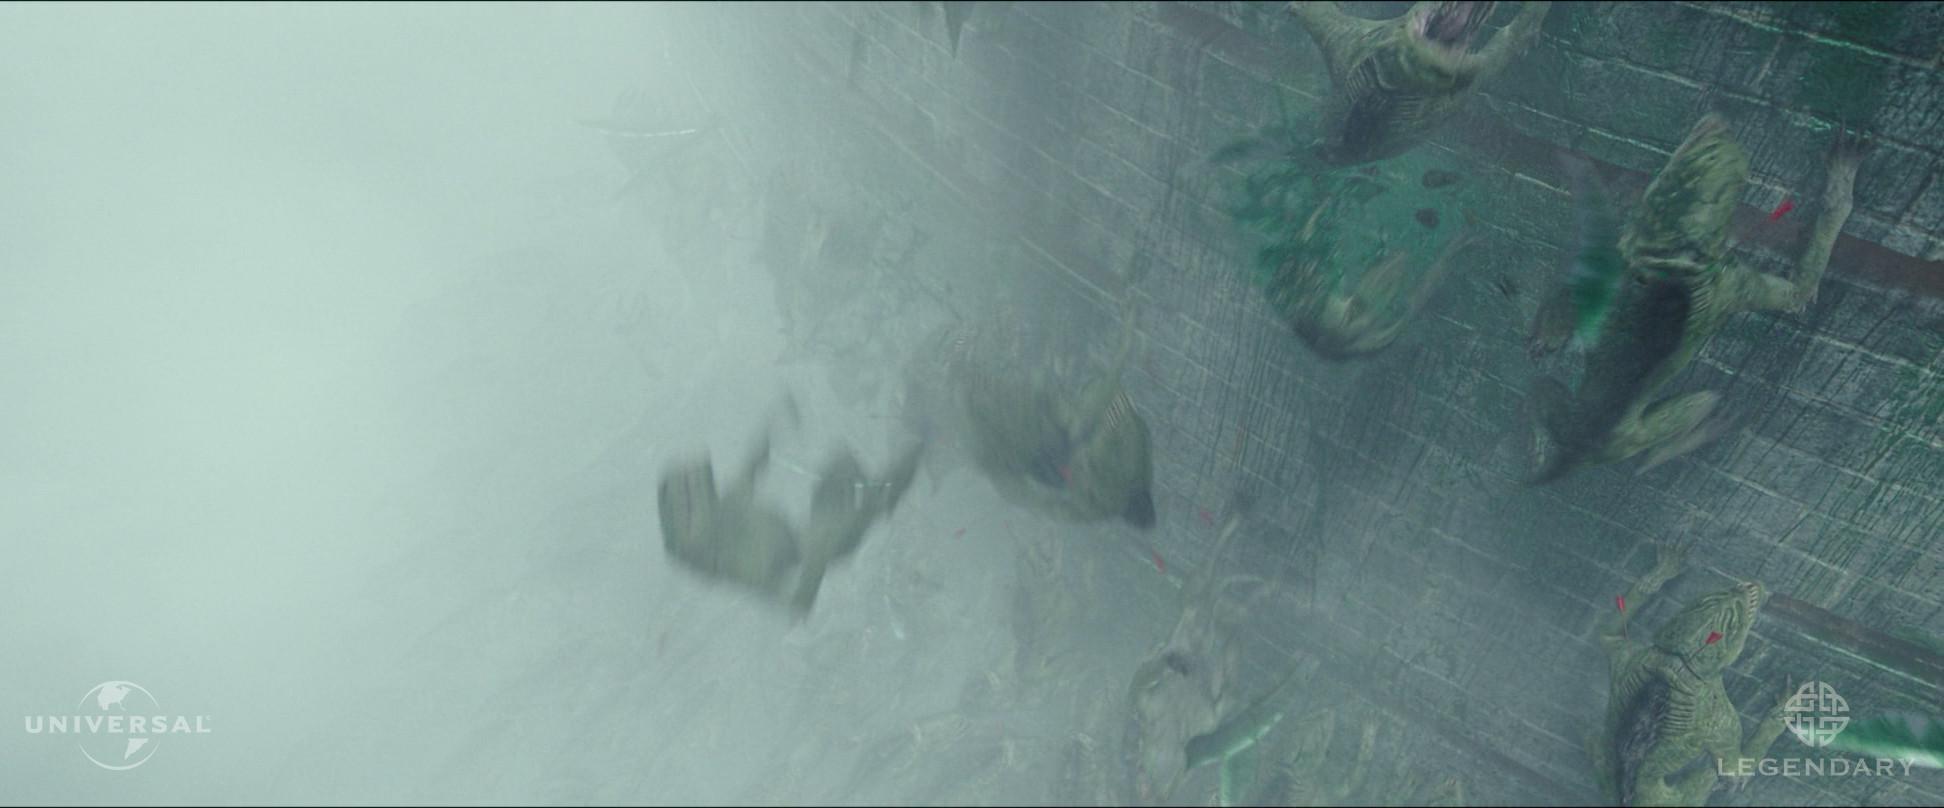 CG Wall Textural Enhancements and Green Blood Splatter effects.